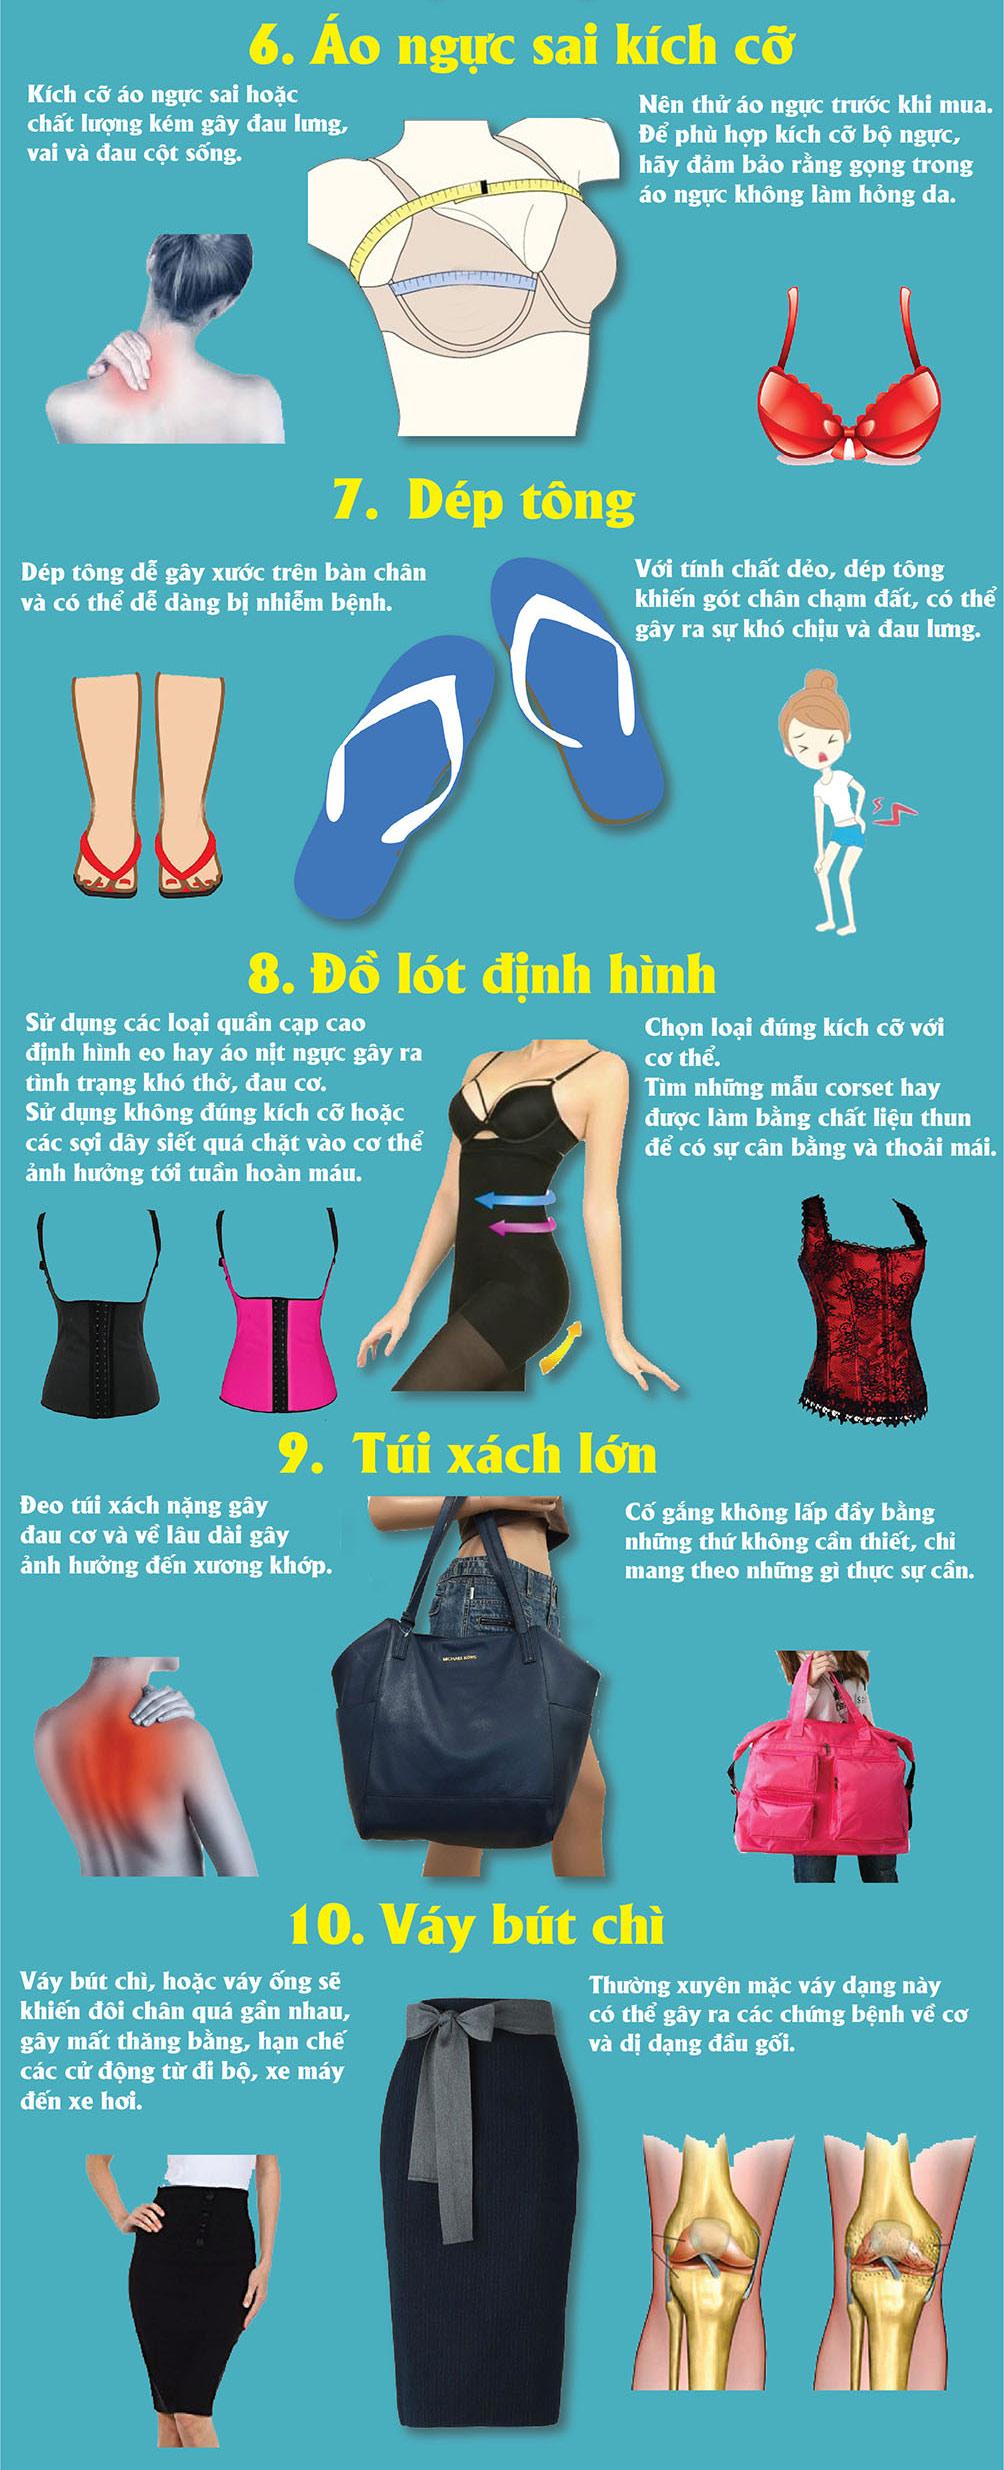 Choáng khi biết 10 loại phụ kiện, áo quần này hại sức khỏe đến vậy - 2